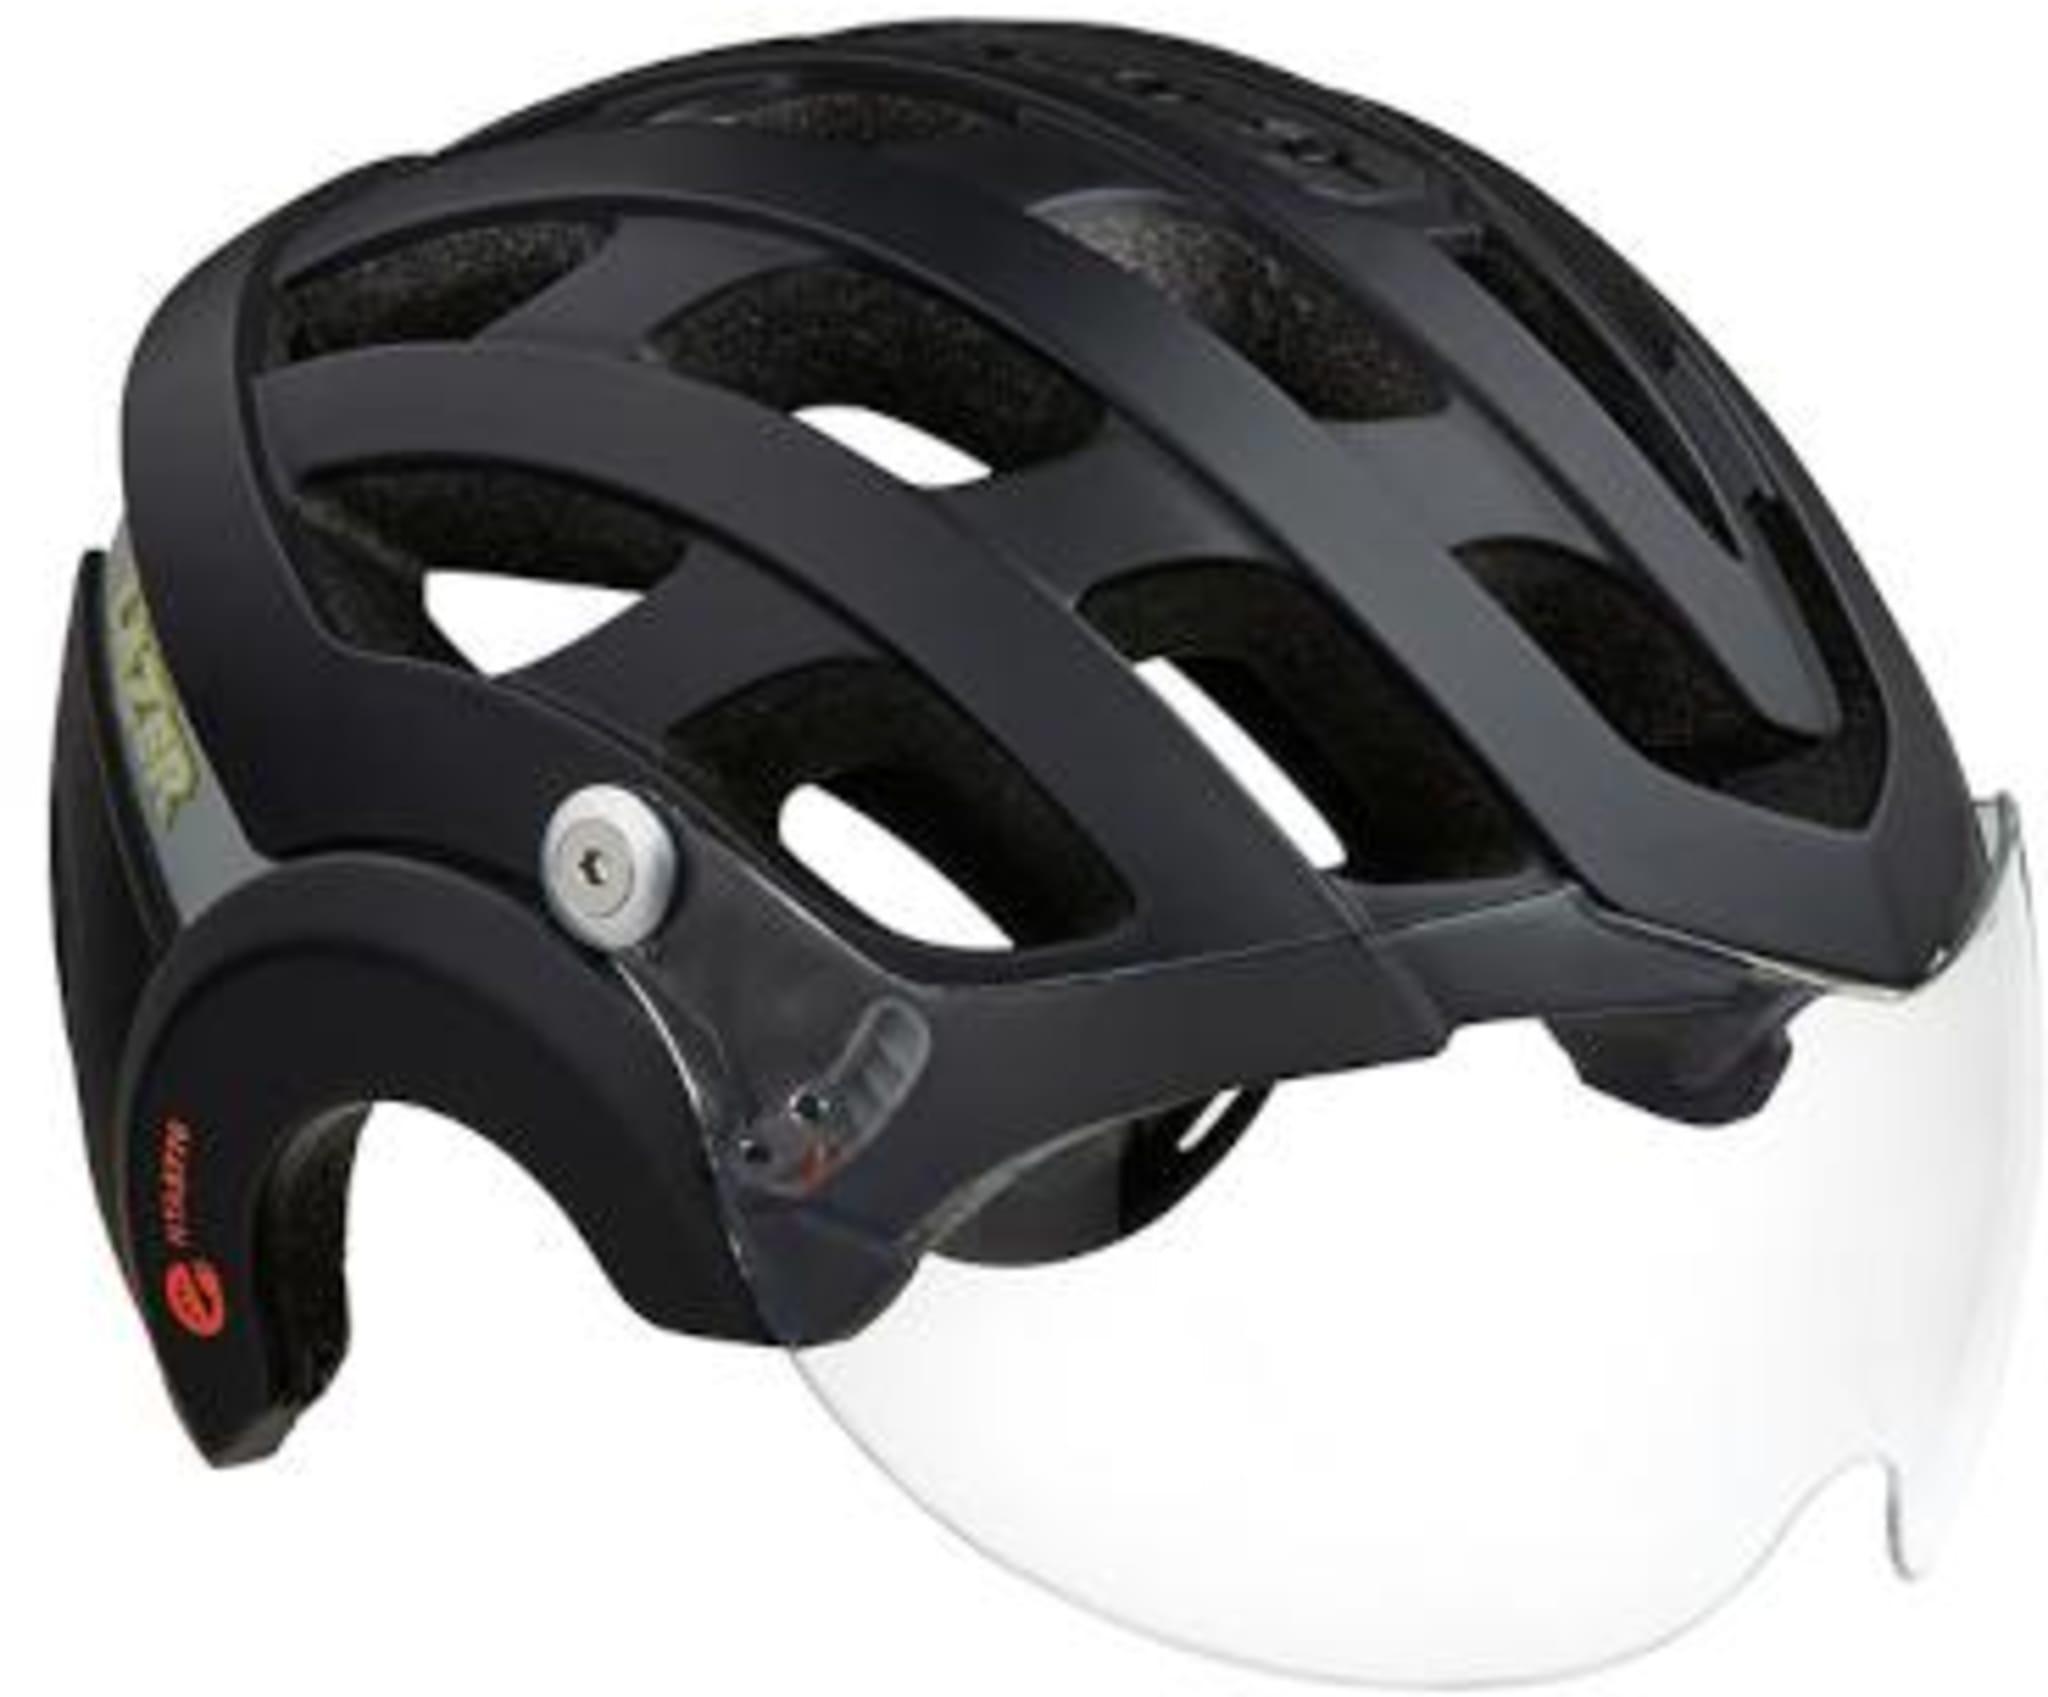 Sykkelhjelm fra Lazer spesielt utviklet for el-sykkel!